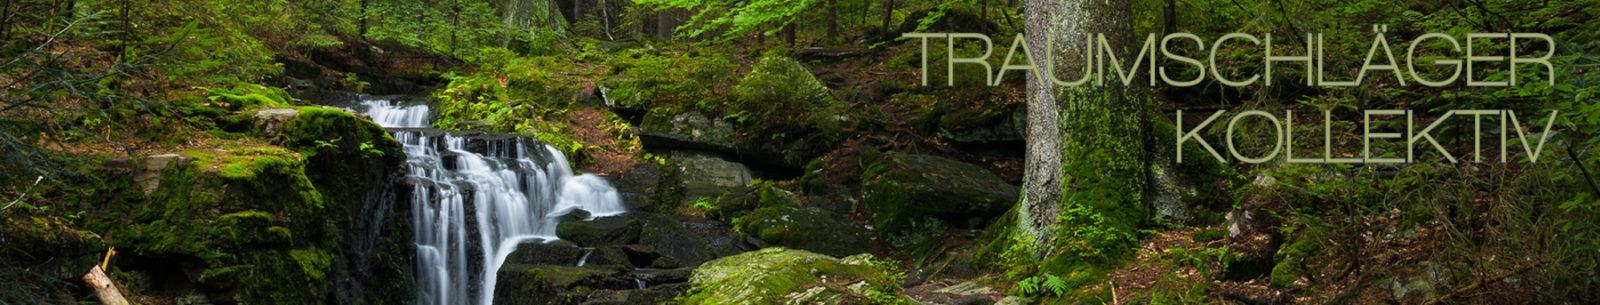 Naturaufnahme im Wald. Im Vordergrund reisigbedeckter Boden und mossbewachsene Steine, dahinter der Stamm eines wohl großen Baumes, er hat unten keine Äste. Links daneben fällt ein kleiner Bach über ein einige Steine herab und bildet einen malerischen kleinen Wasserfall. Durch Langzeitbelichtung ist die Gischt des Wasserfalls eingefangen und der Weg des Wassers die Steine hinab zu sehen. Um die zentrale Gruppe Wasserfall - Steine - Baumstamm herum breitet sich dichter Laubwald aus. Es scheint Frühling zu sein, das Grün wirkt frisch und jung. Im sehr naturbelassenen Wald ist sonst nichts spezifisches auszumachen, weder Wege noch Schilder oder Menschen, nur unterschiedlich große Bäume und Unterholz.